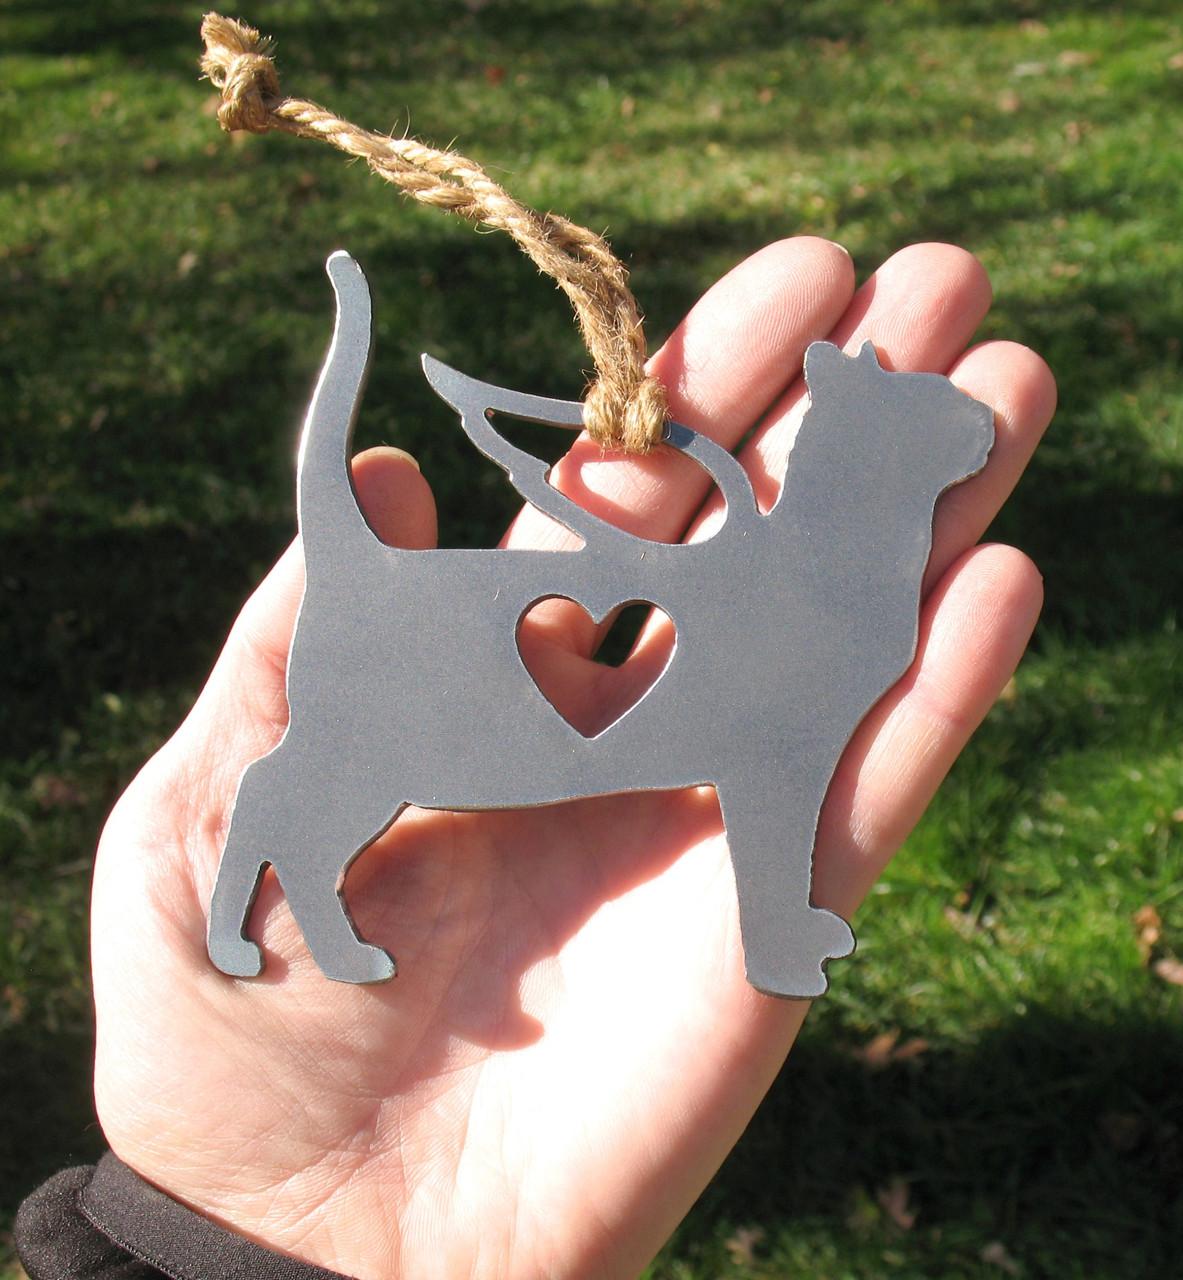 Bengal Cat Memorial Angel - Cat Loss Gift - Pet Loss Cat Sympathy Remembrance Gift - Metal Cat Christmas Ornament - Cat Lover